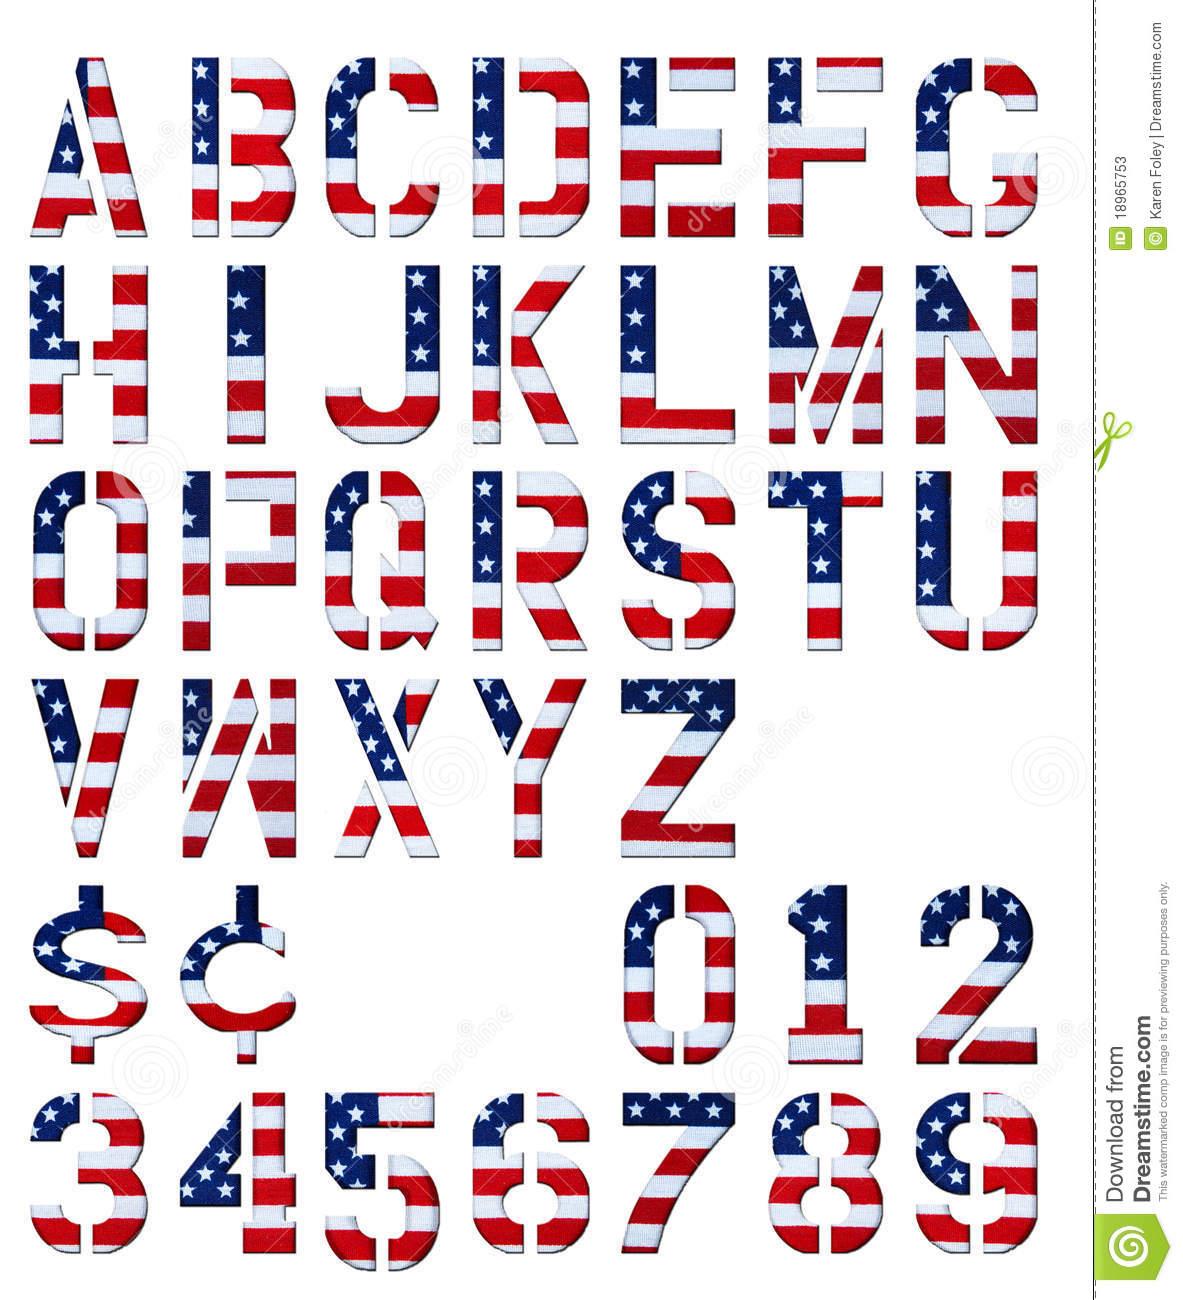 Alphabet letter clipart flags. Clipartfest american flag letters